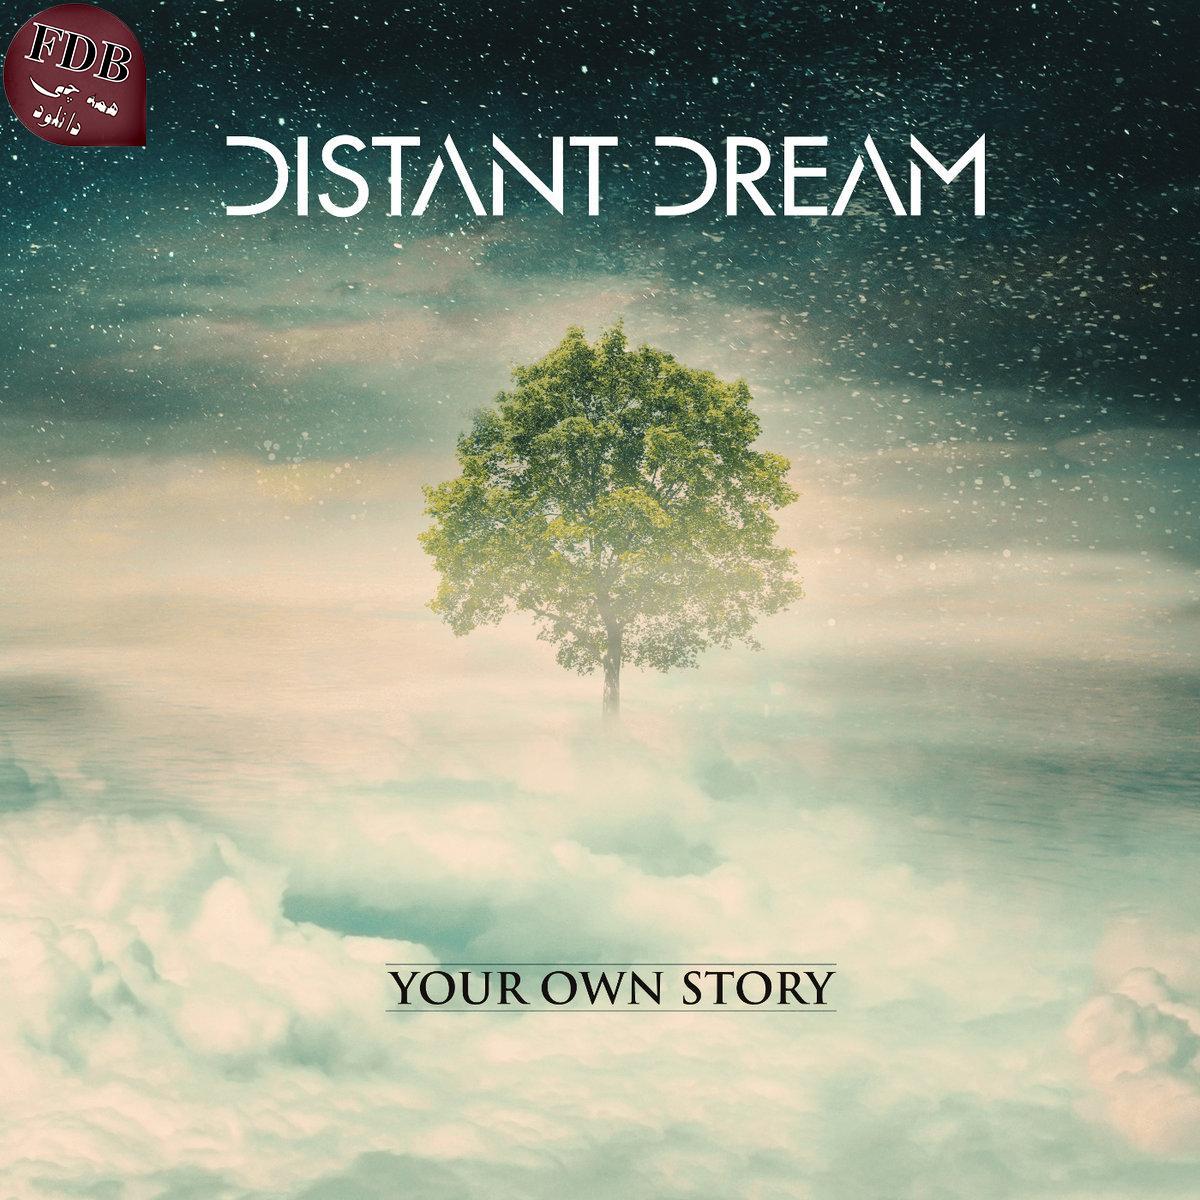 دانلود آلبوم موسیقی Your Own Story اثری از Distant Dream